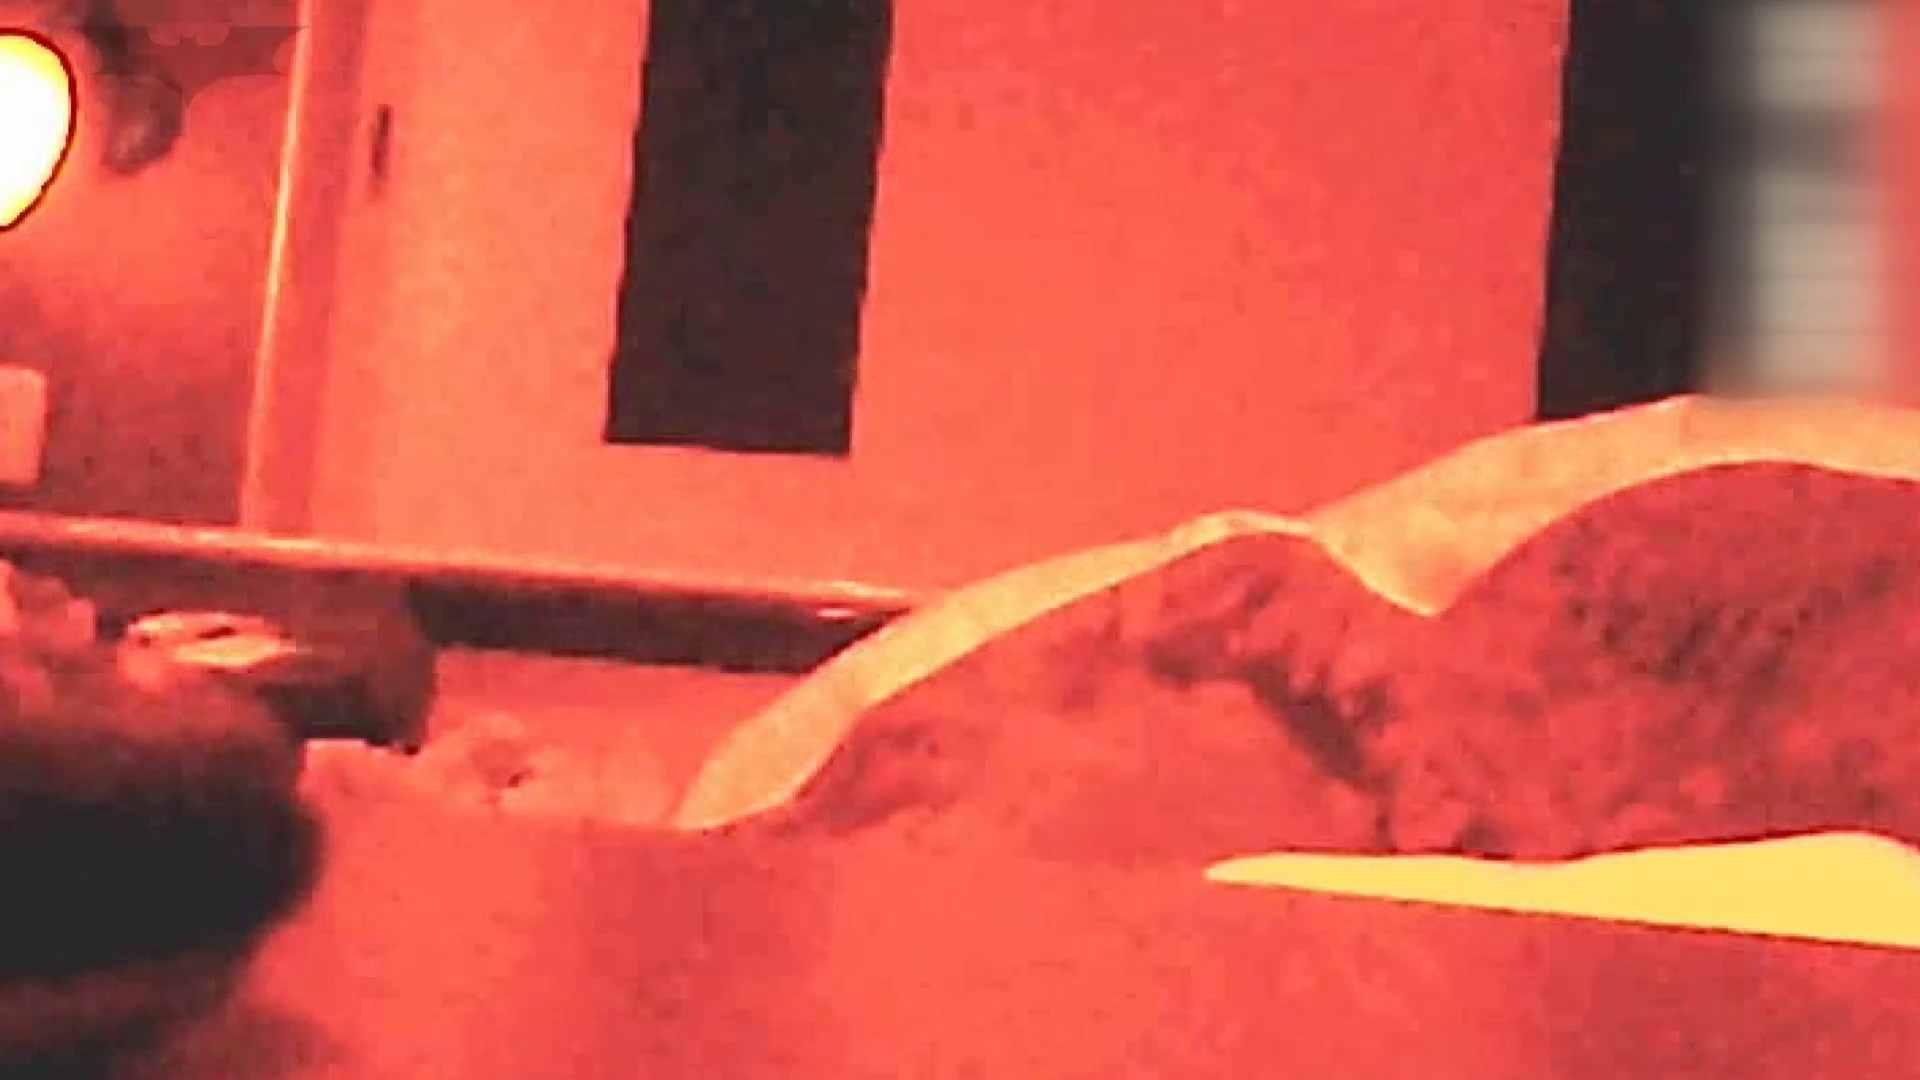 ▲2017_05位▲ 学園アイドル美人女子大生!❶4人厳選詰合せVol.49 美人編 オマンコ動画キャプチャ 104画像 103